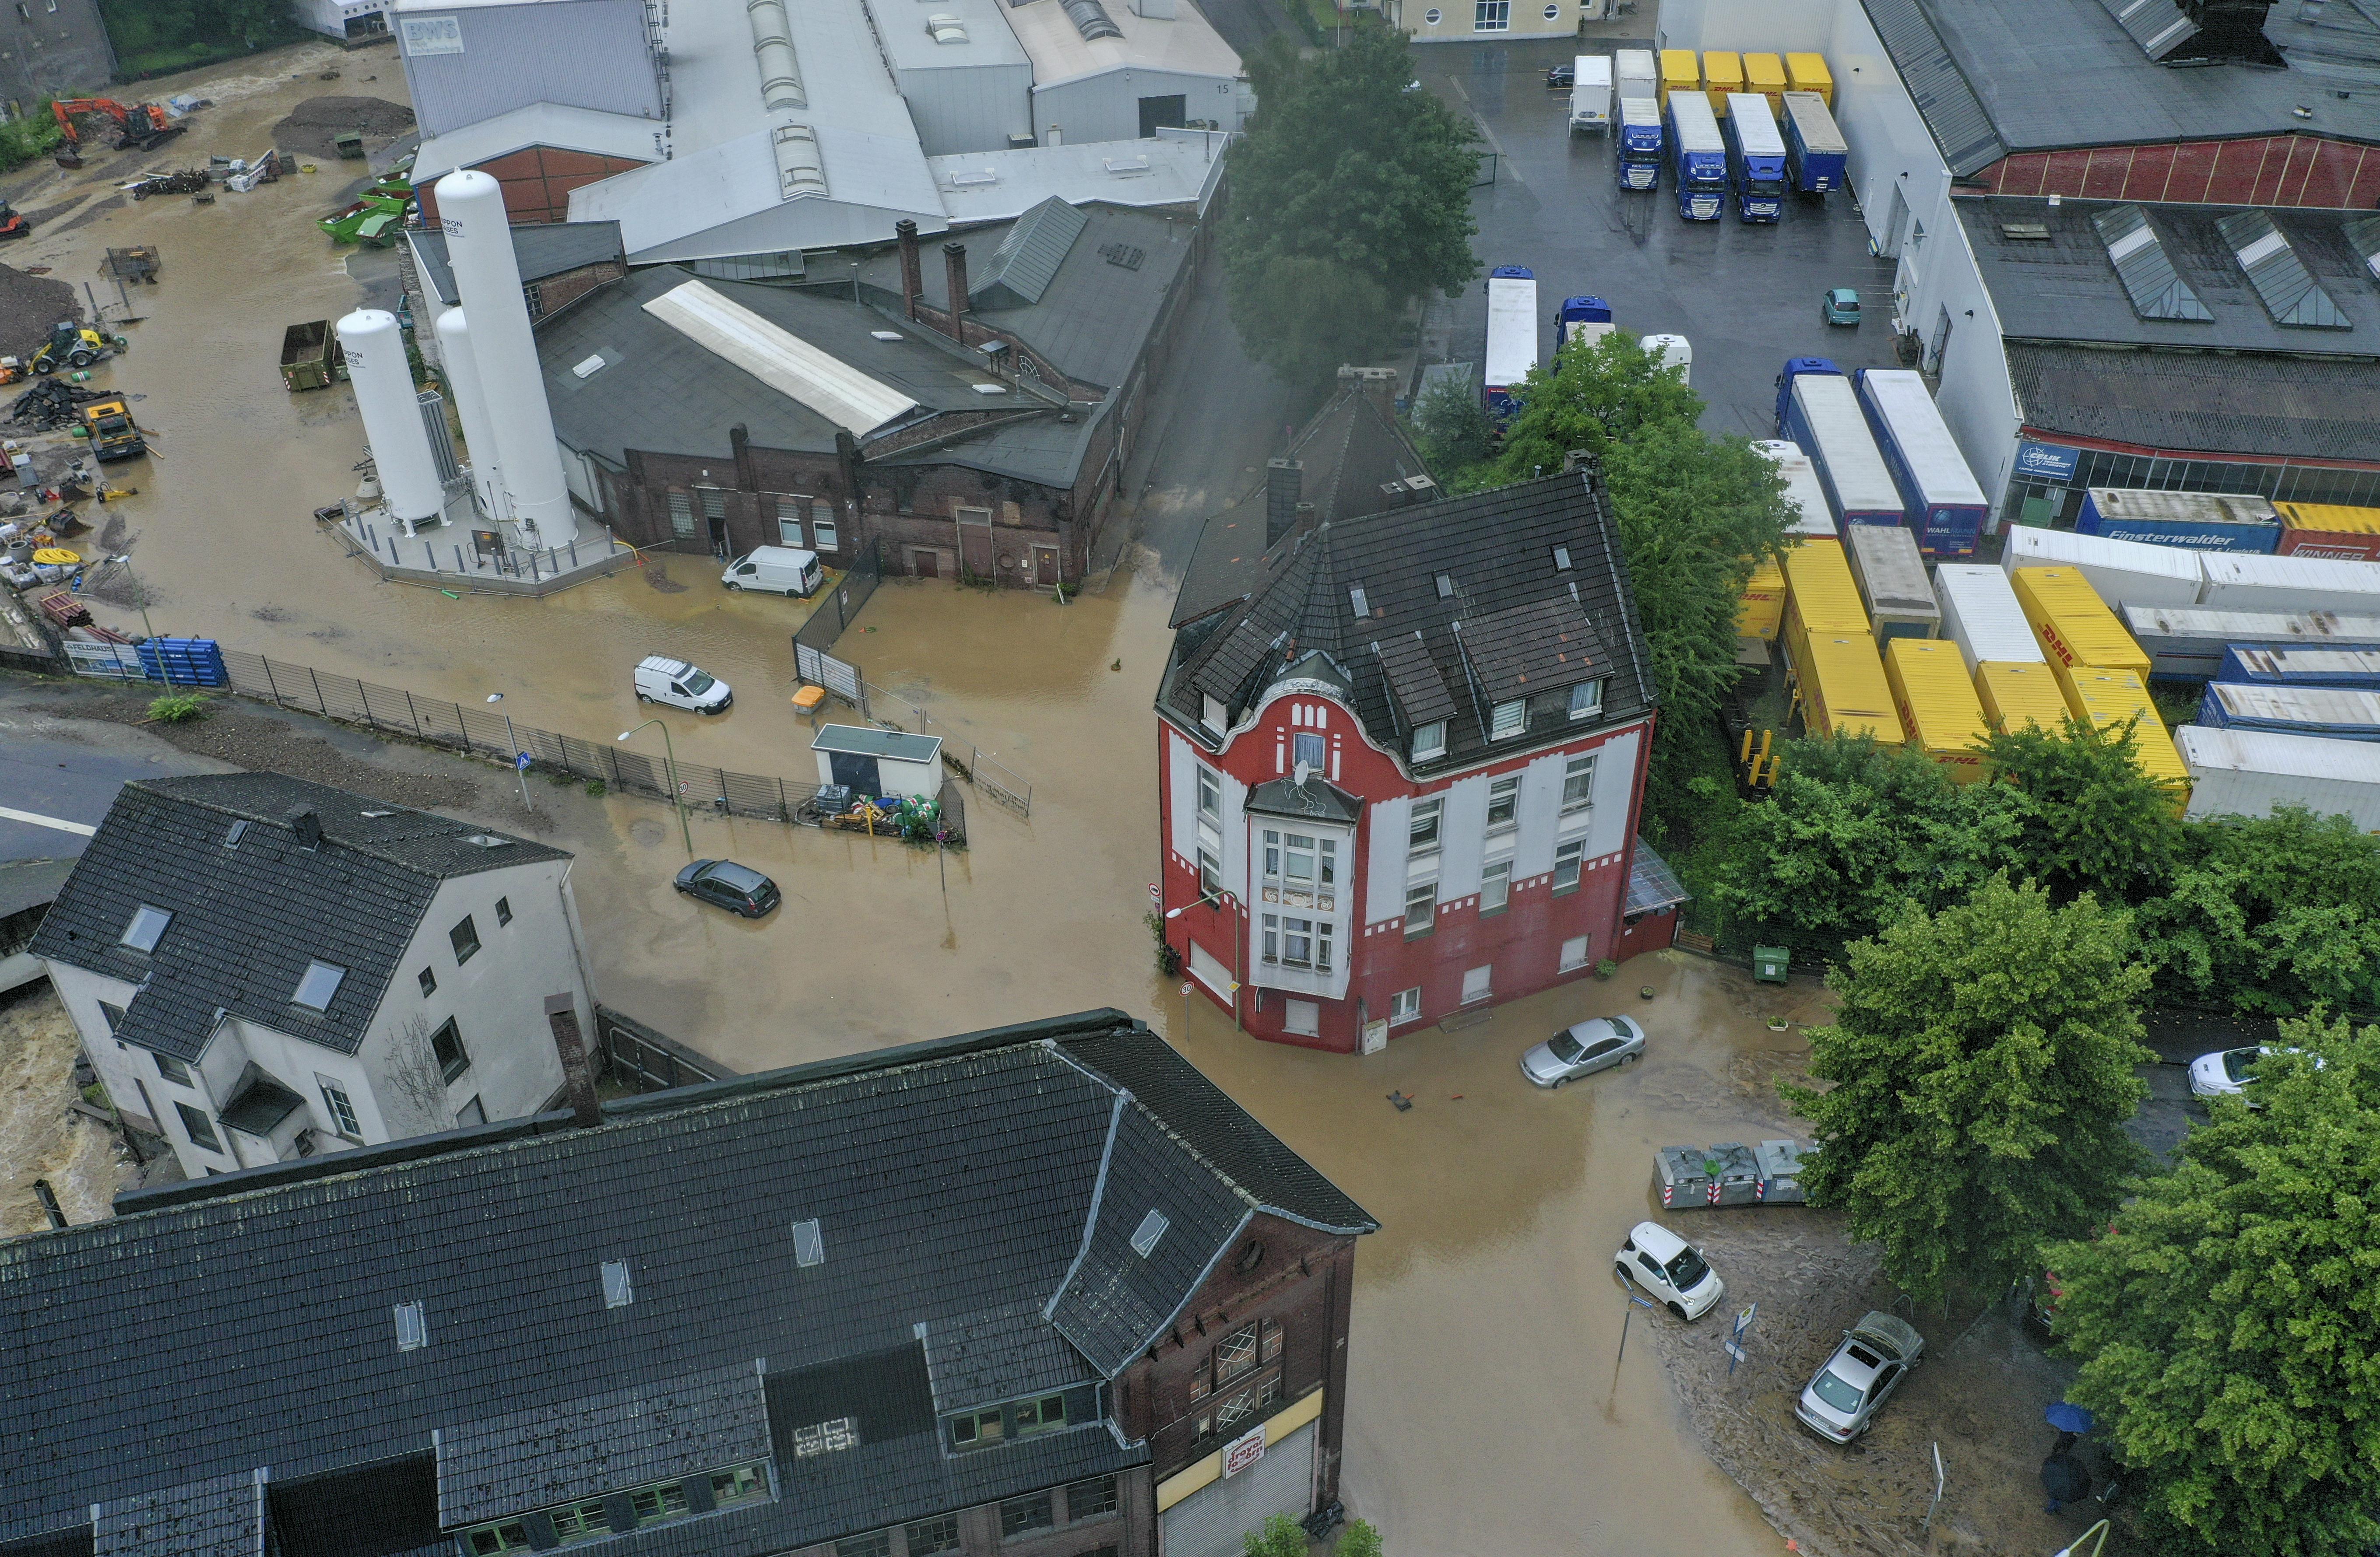 Többen is eltűntek, miután házak omlottak össze Németországban a heves esőzések miatt